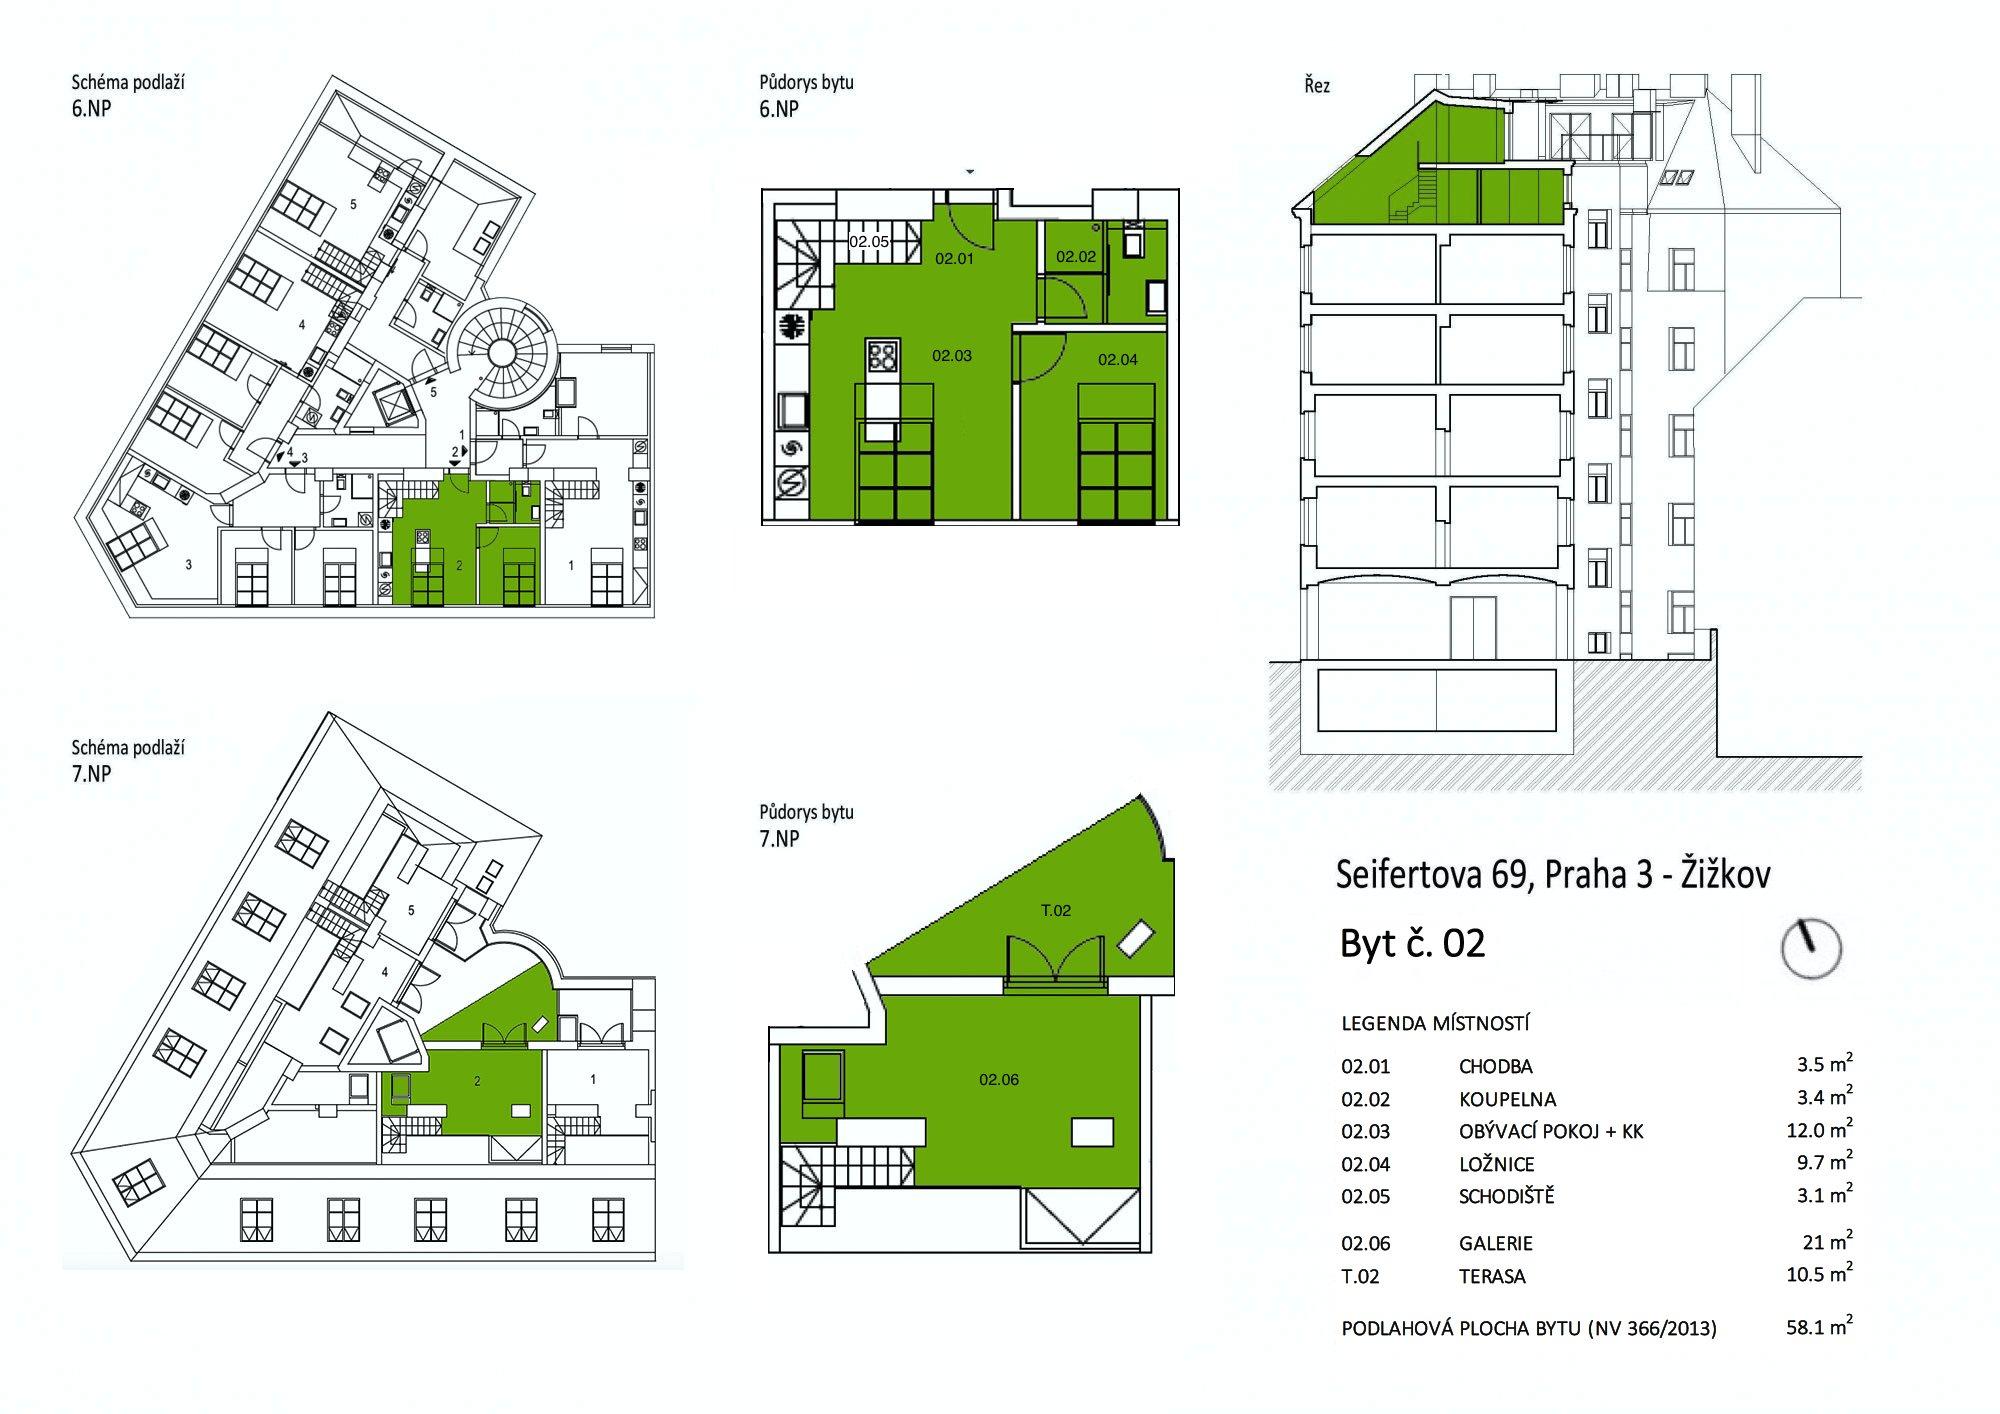 Půdní byt 2+kk, plocha 69 m², Seifertova, Praha 3 - Žižkov